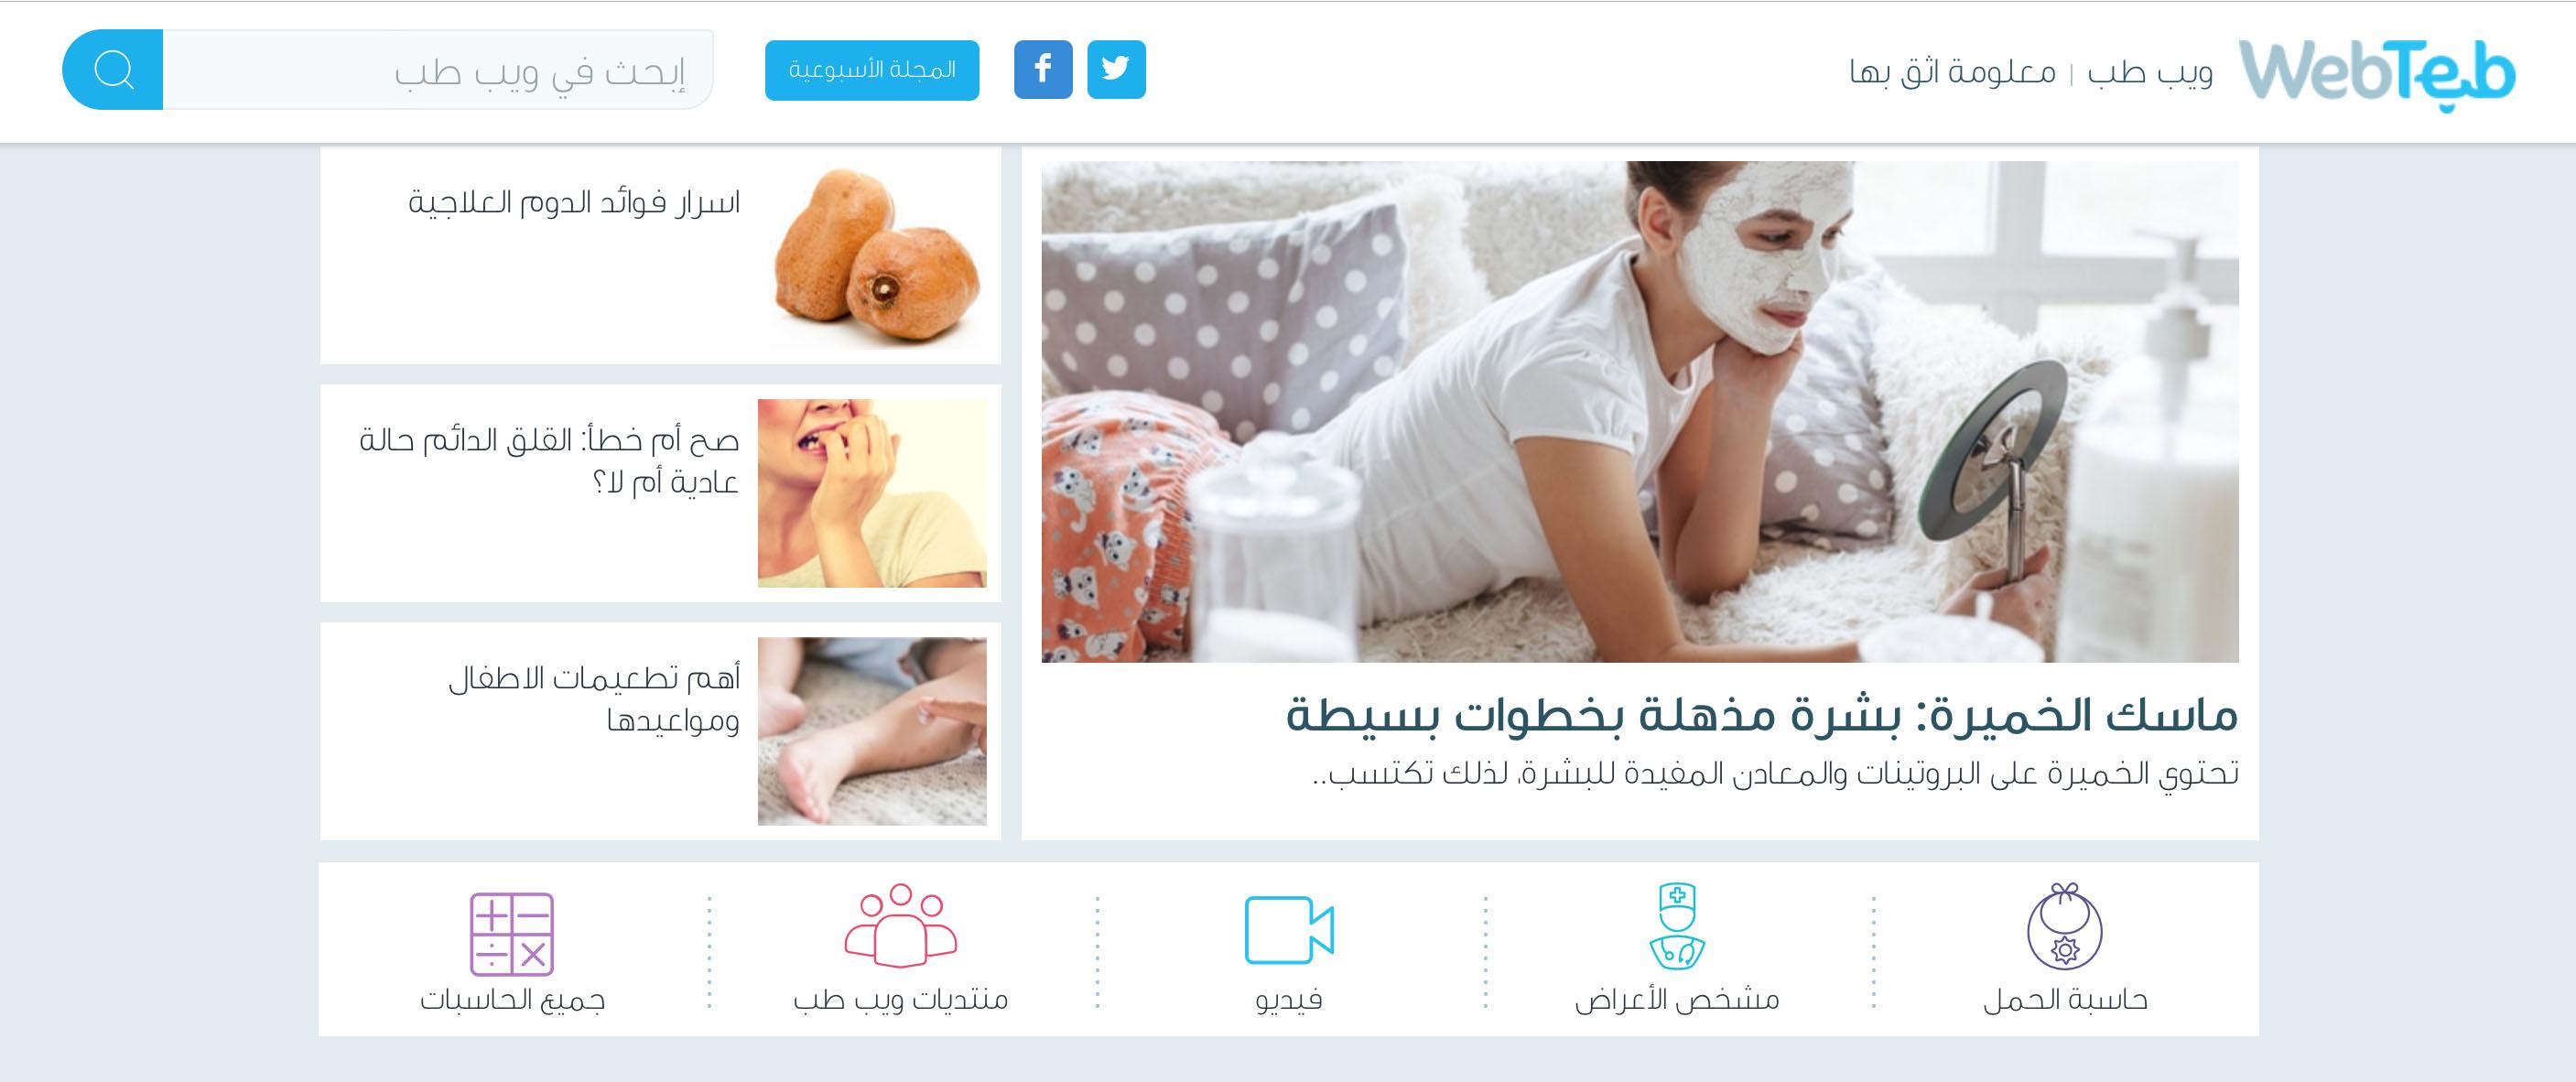 ويب طب .. محتوى طبي عربي موثوق وشامل